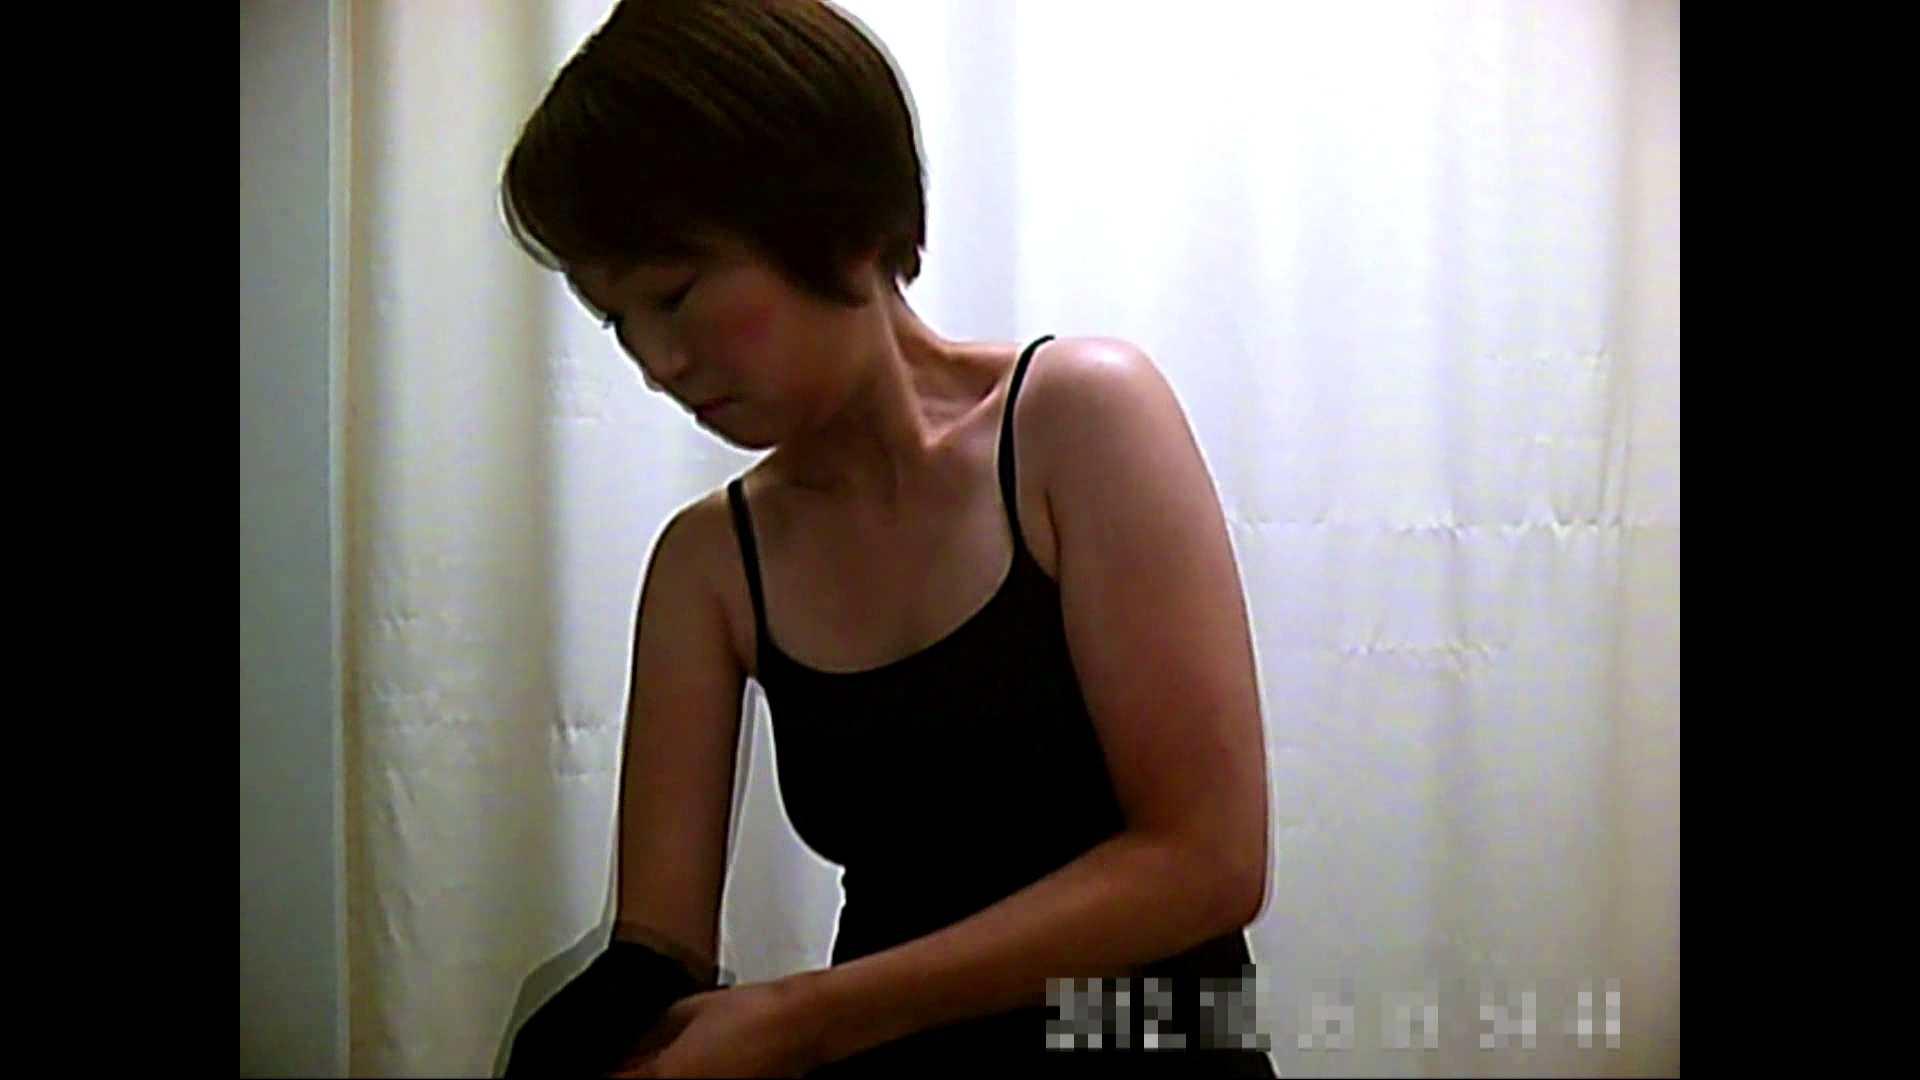 元医者による反抗 更衣室地獄絵巻 vol.067 OL女体  95連発 30